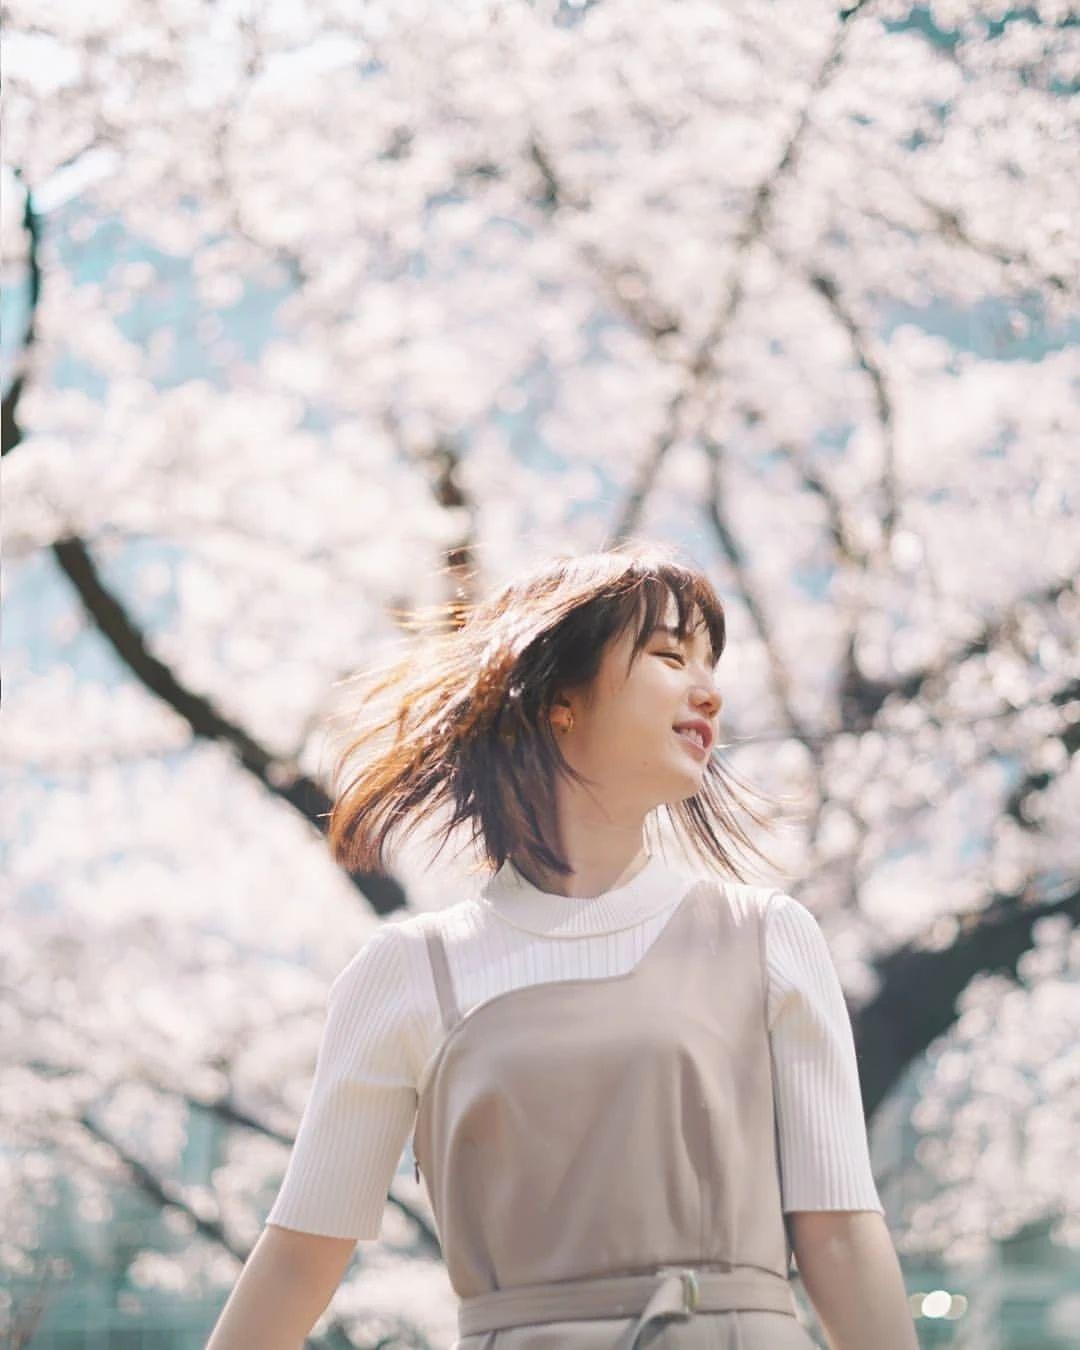 永远一张娃娃脸的棉花糖女孩弘中绫香写真作品 (65)